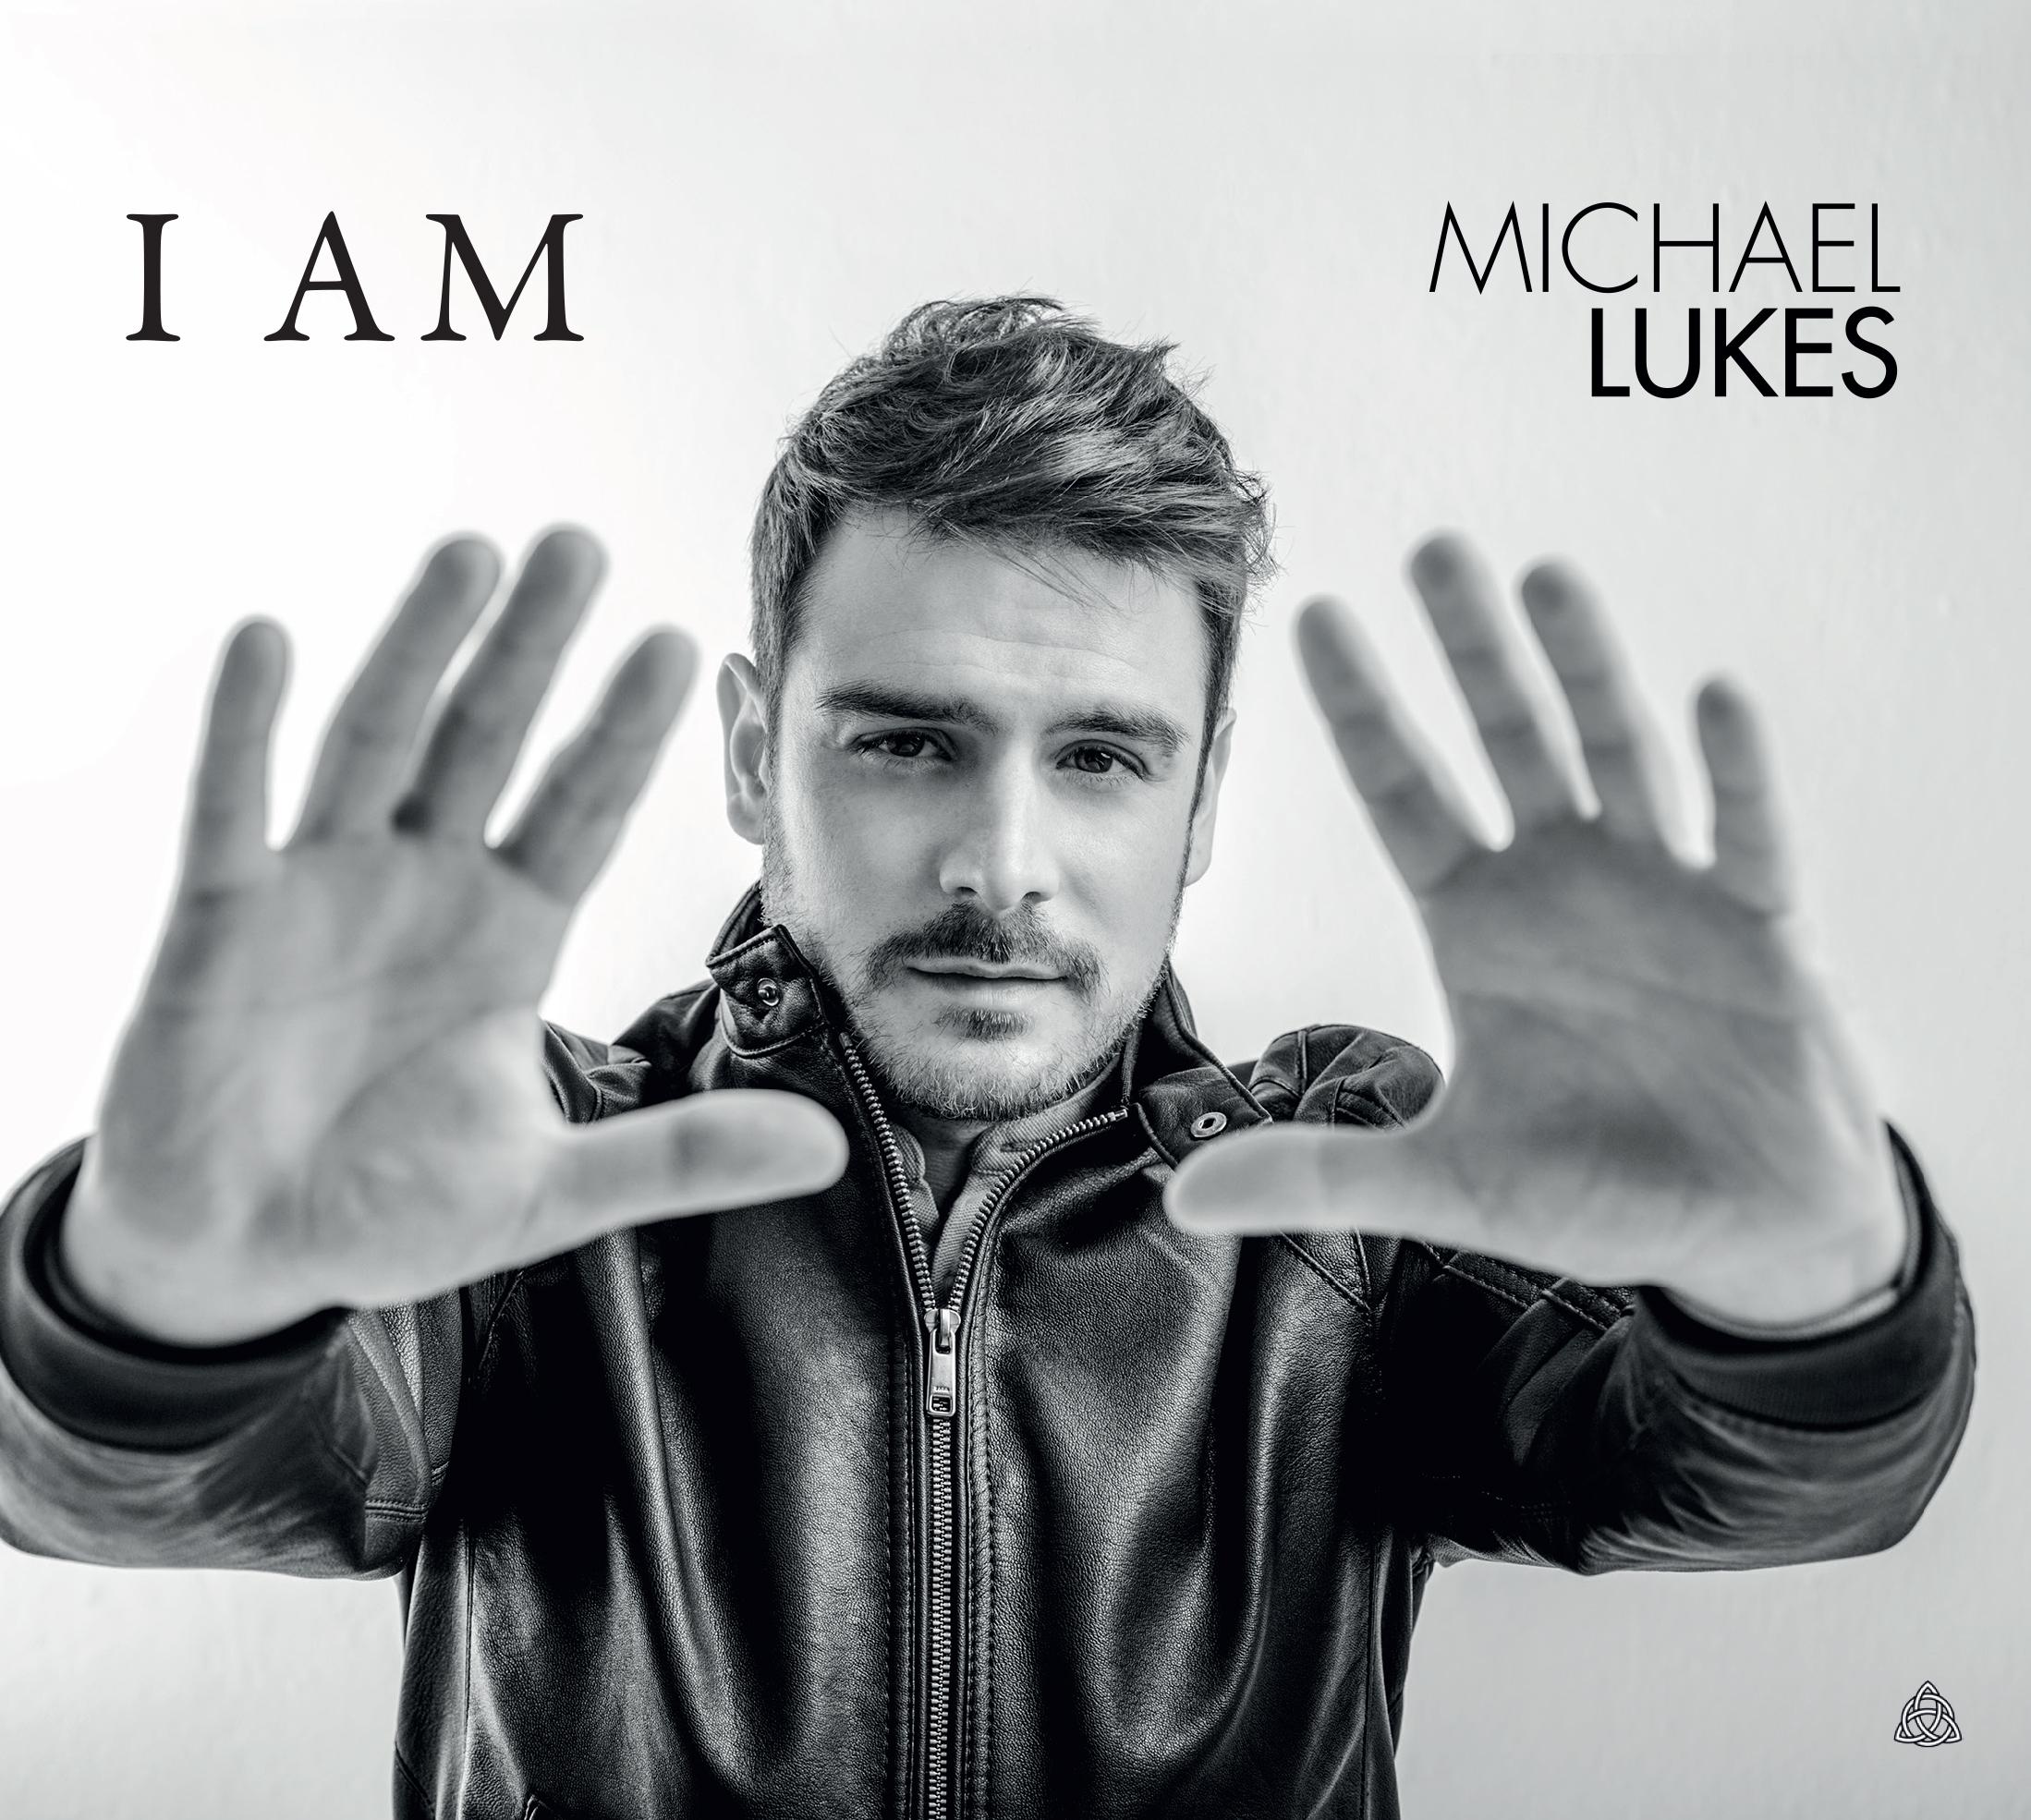 I am, nuovo EP di Michael Lukes